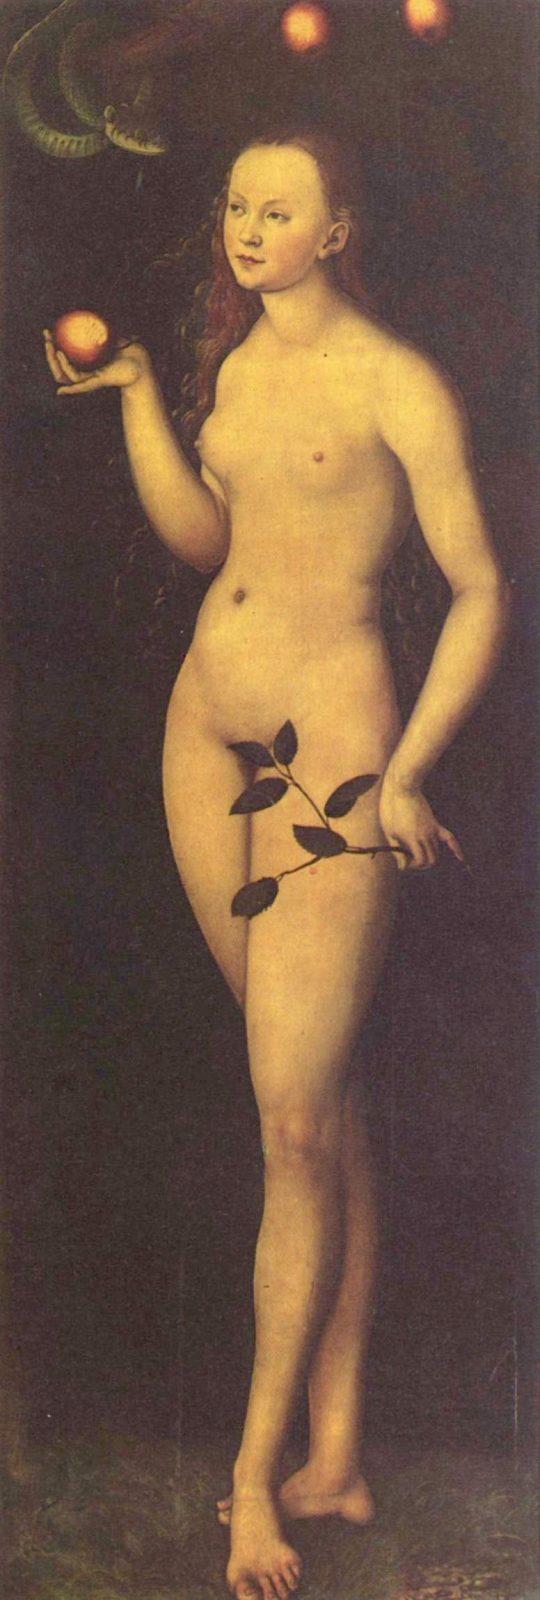 nude Eve